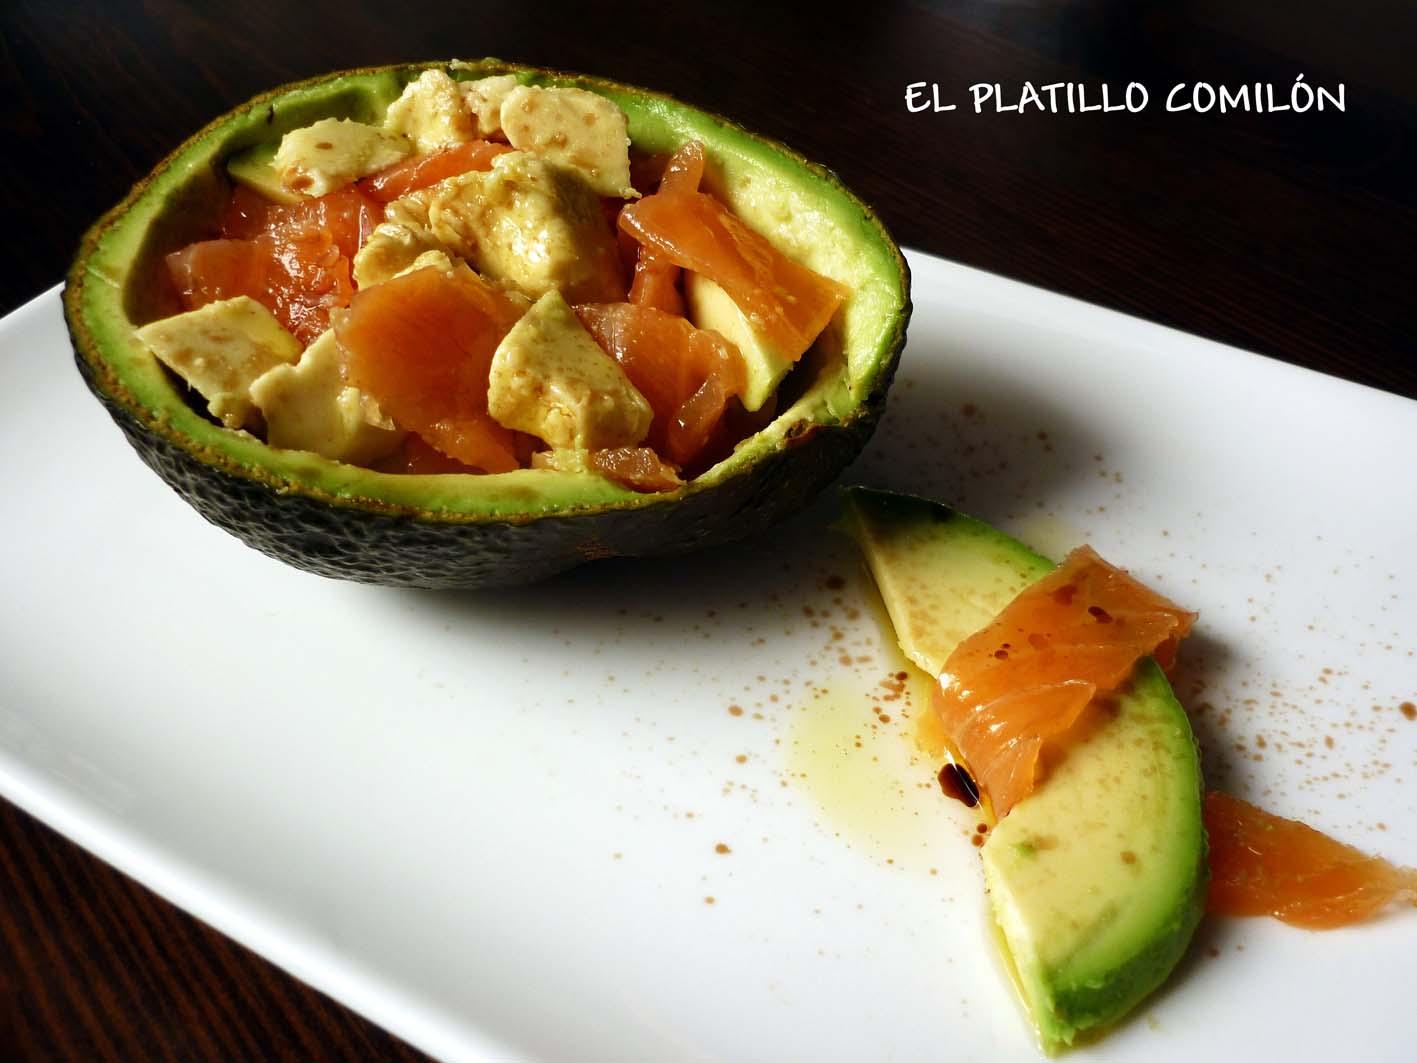 El platillo comil n ensalada de aguacate y salm n ahumado - Ensalada de aguacate y salmon ahumado ...